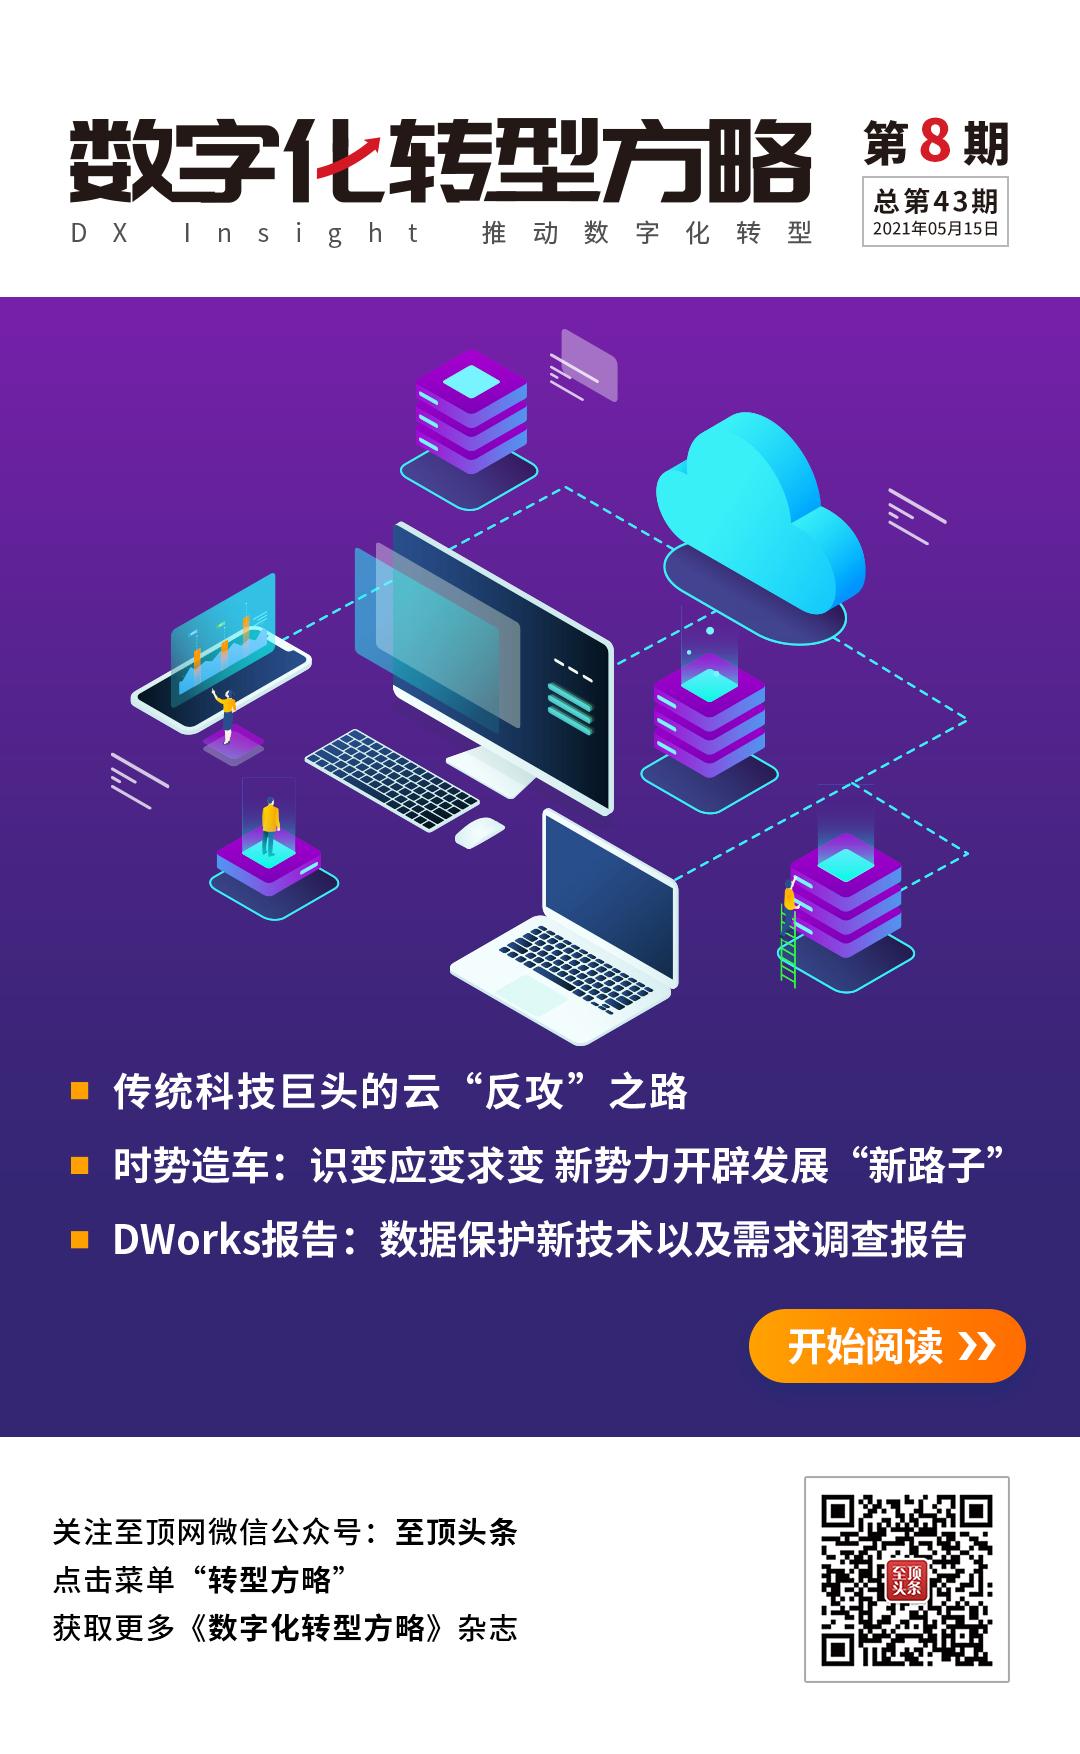 《数字化转型方略》2021年第八期 - 至顶网